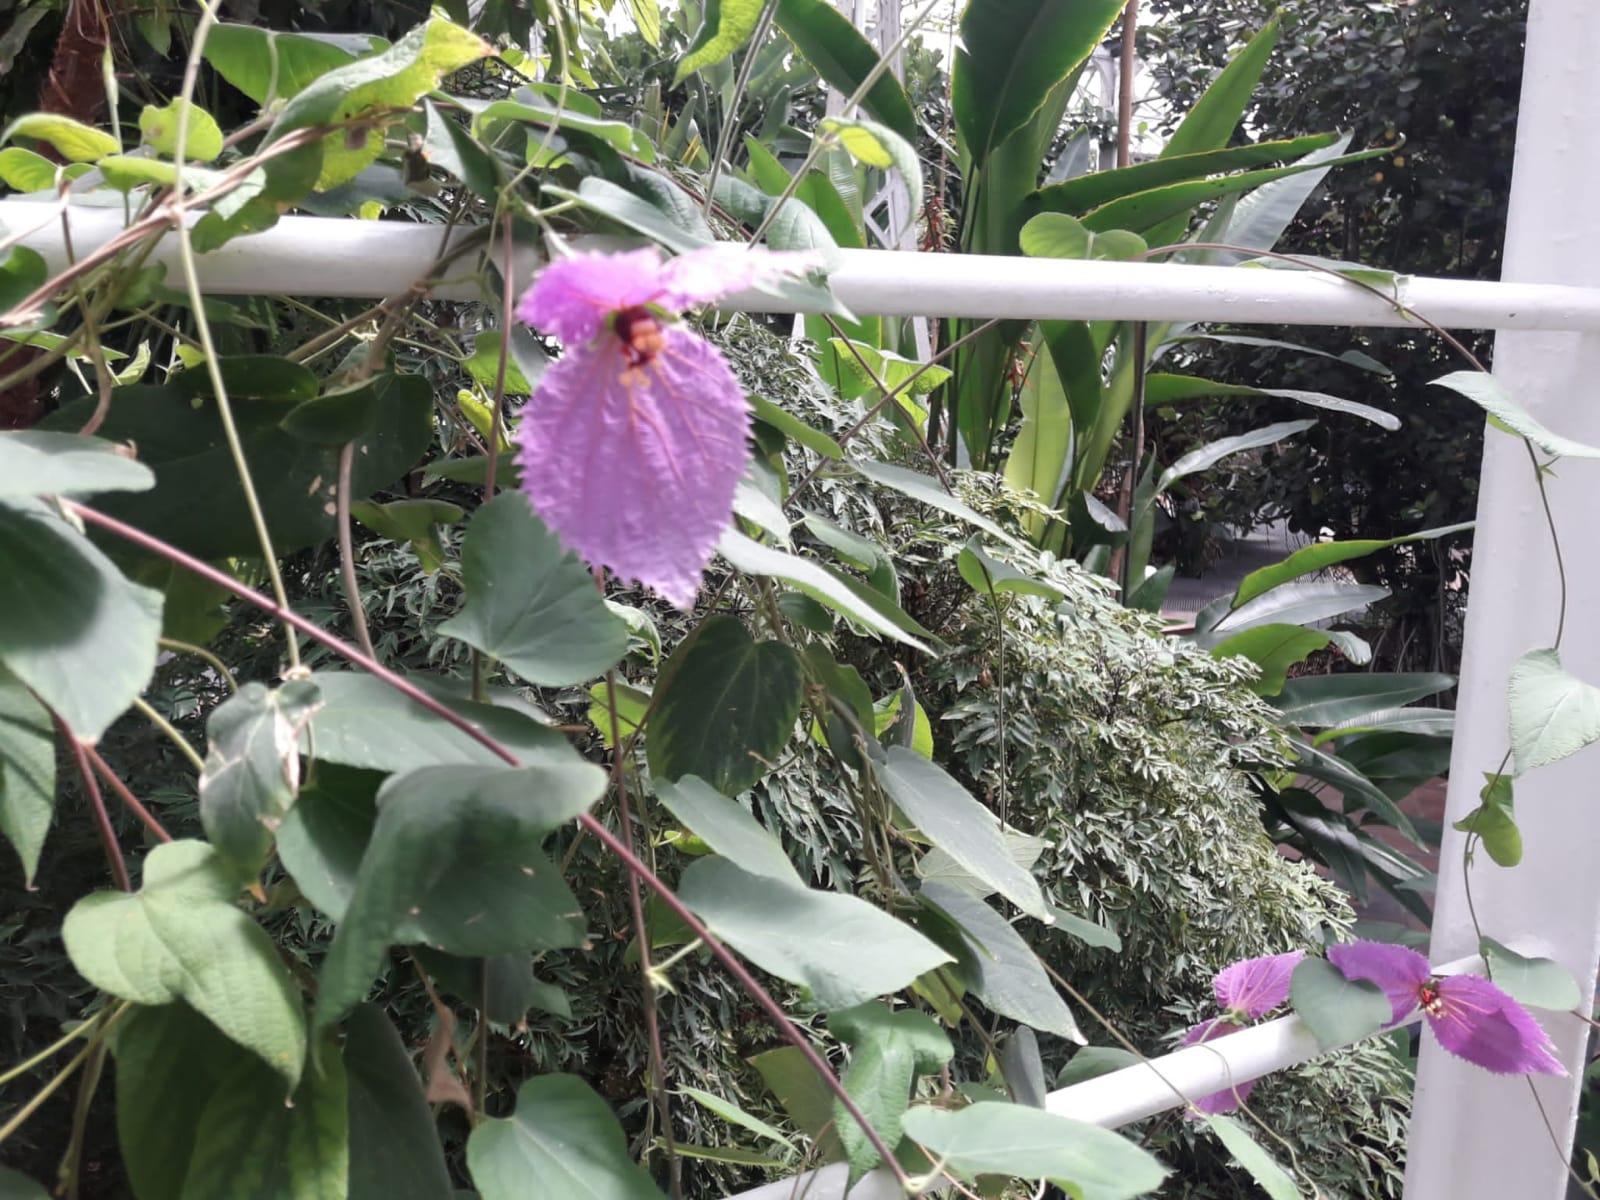 Dalenchampia dioscoreifolia